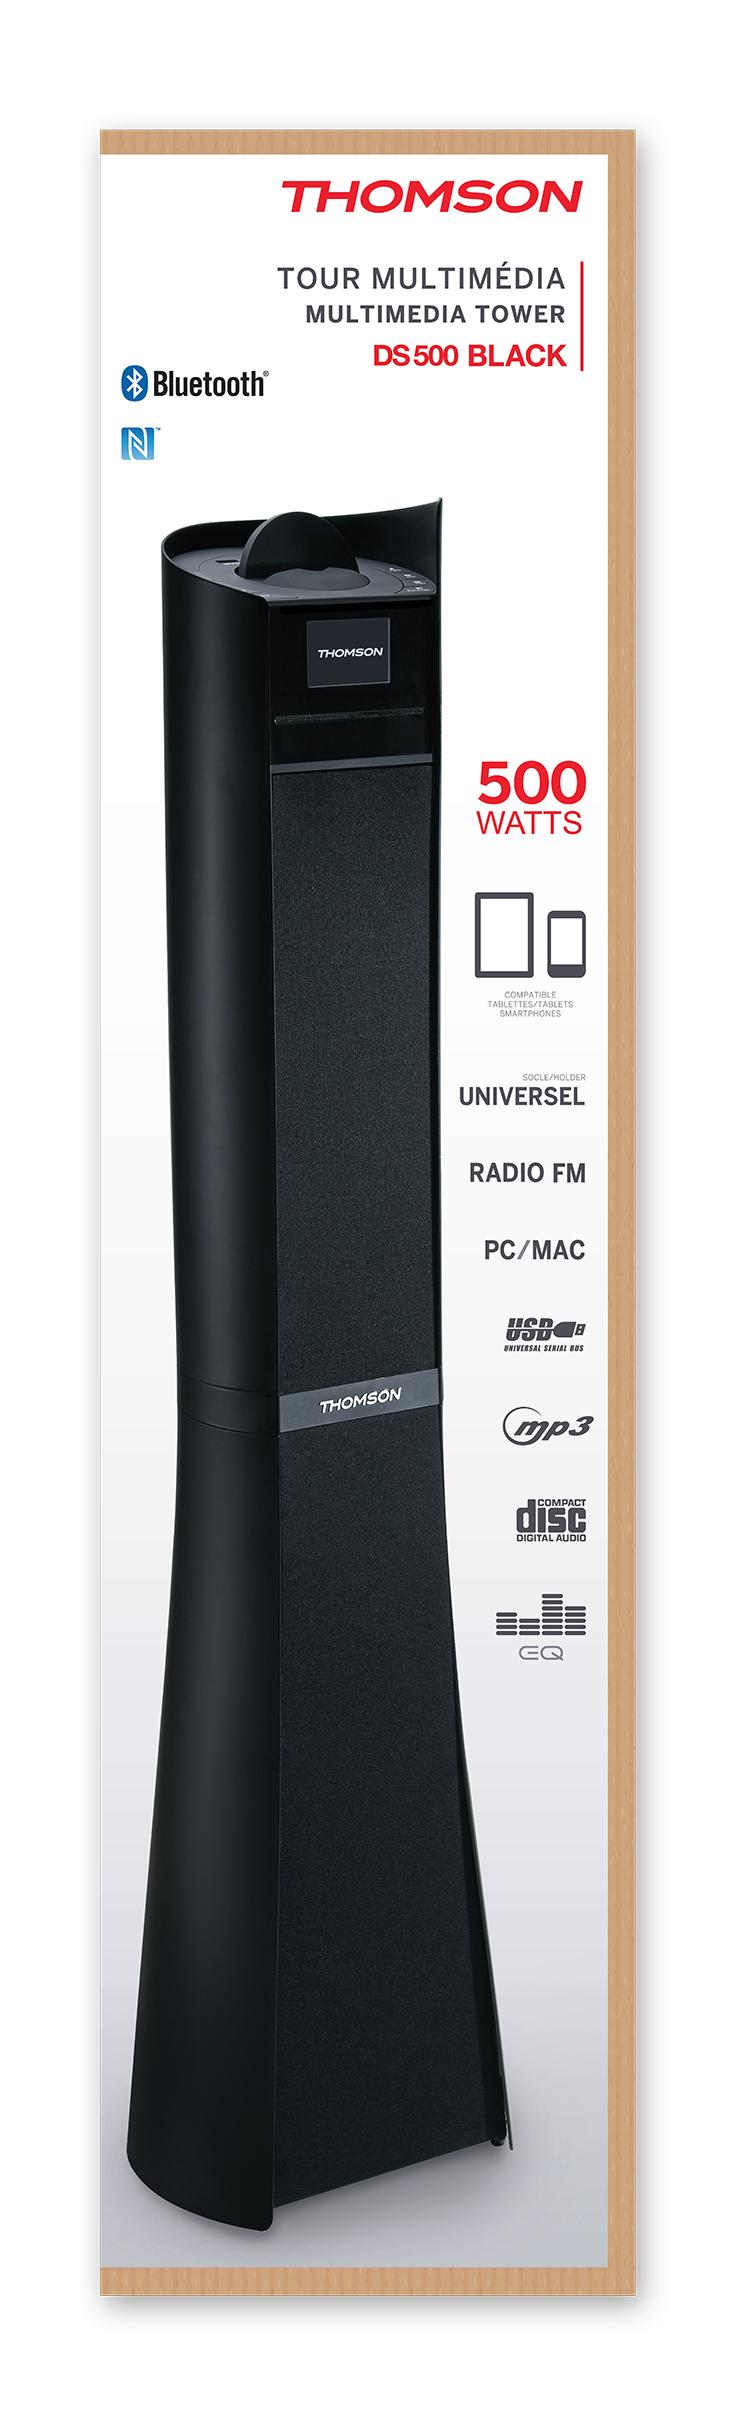 2.1CH Multimedia tower DS500BLACK THOMSON - Immagine#2tutu